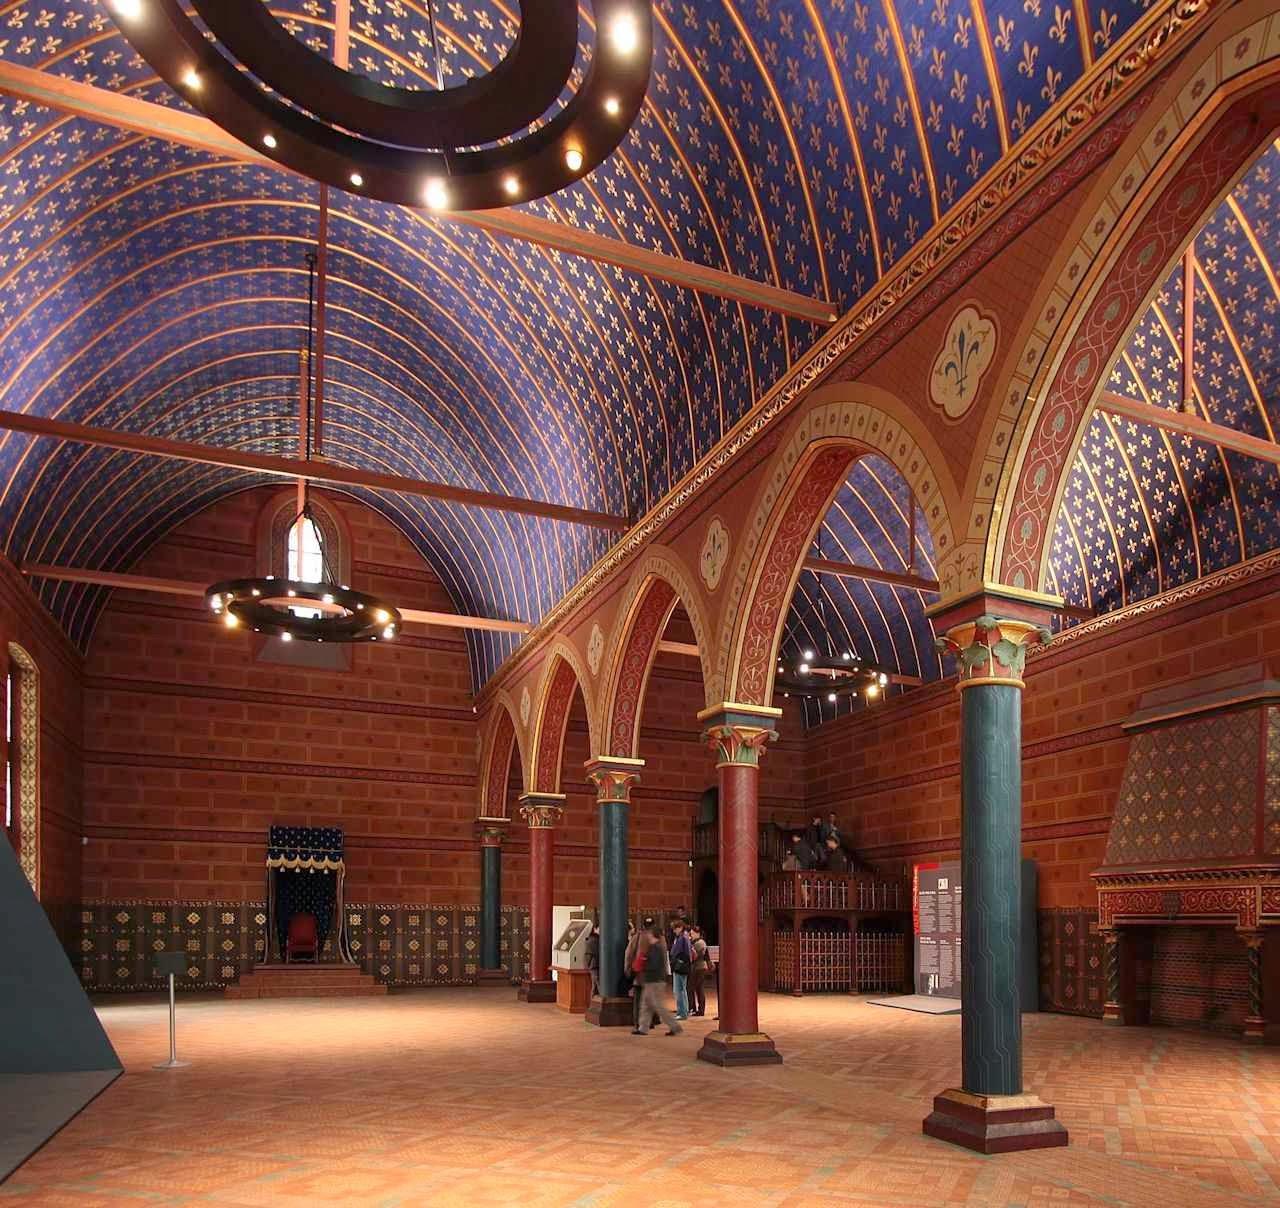 Sala dos Estados é a mais antiga sala gótica da França